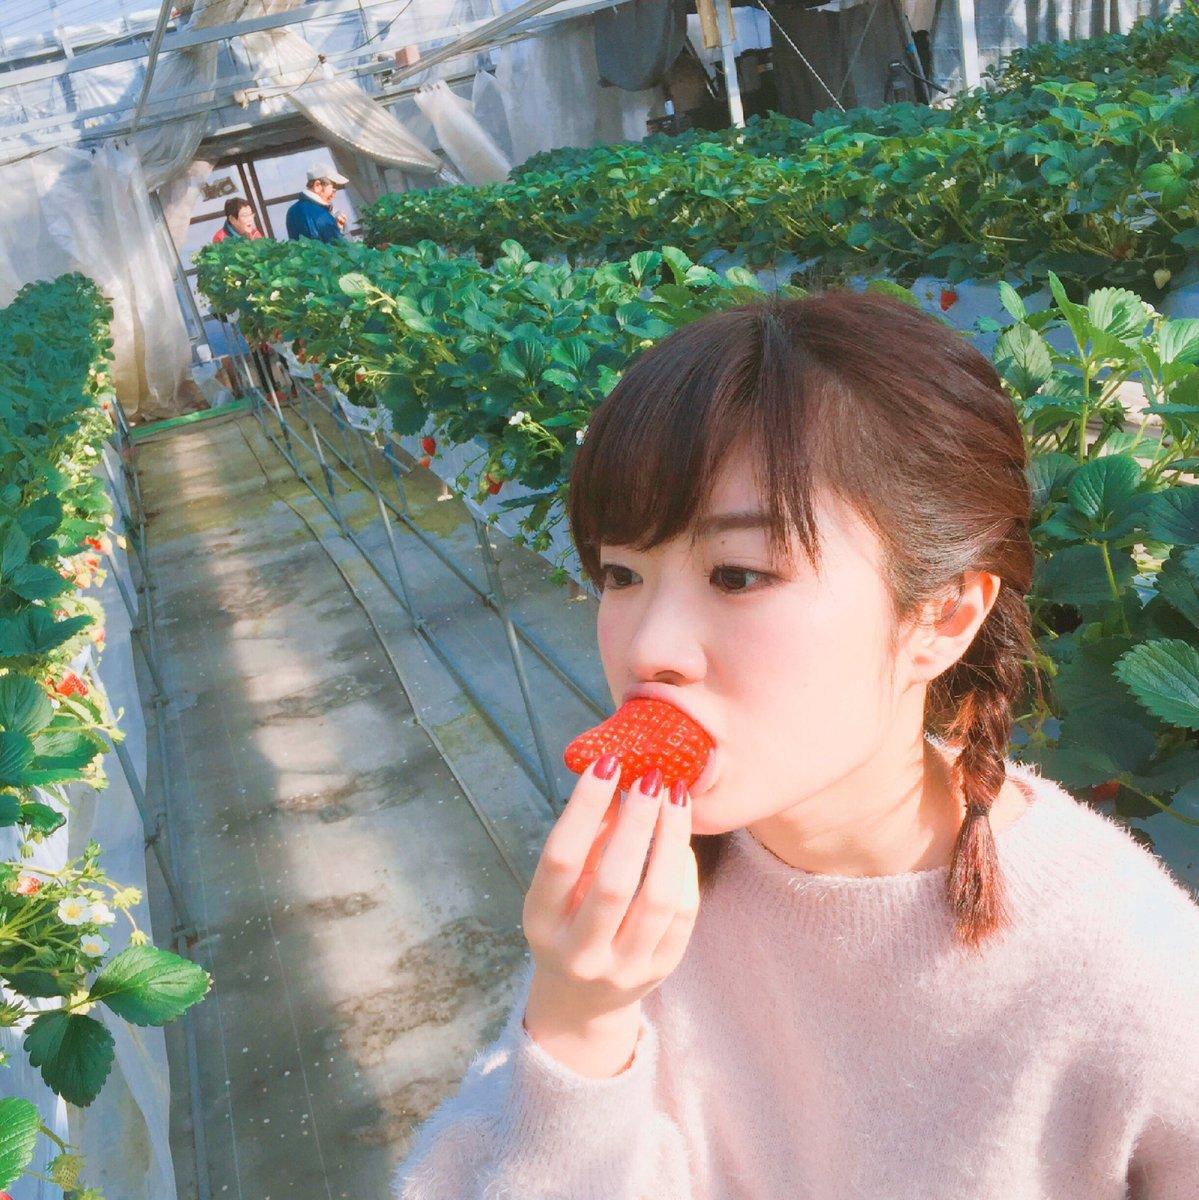 声優がイチゴを食べているだけの写真